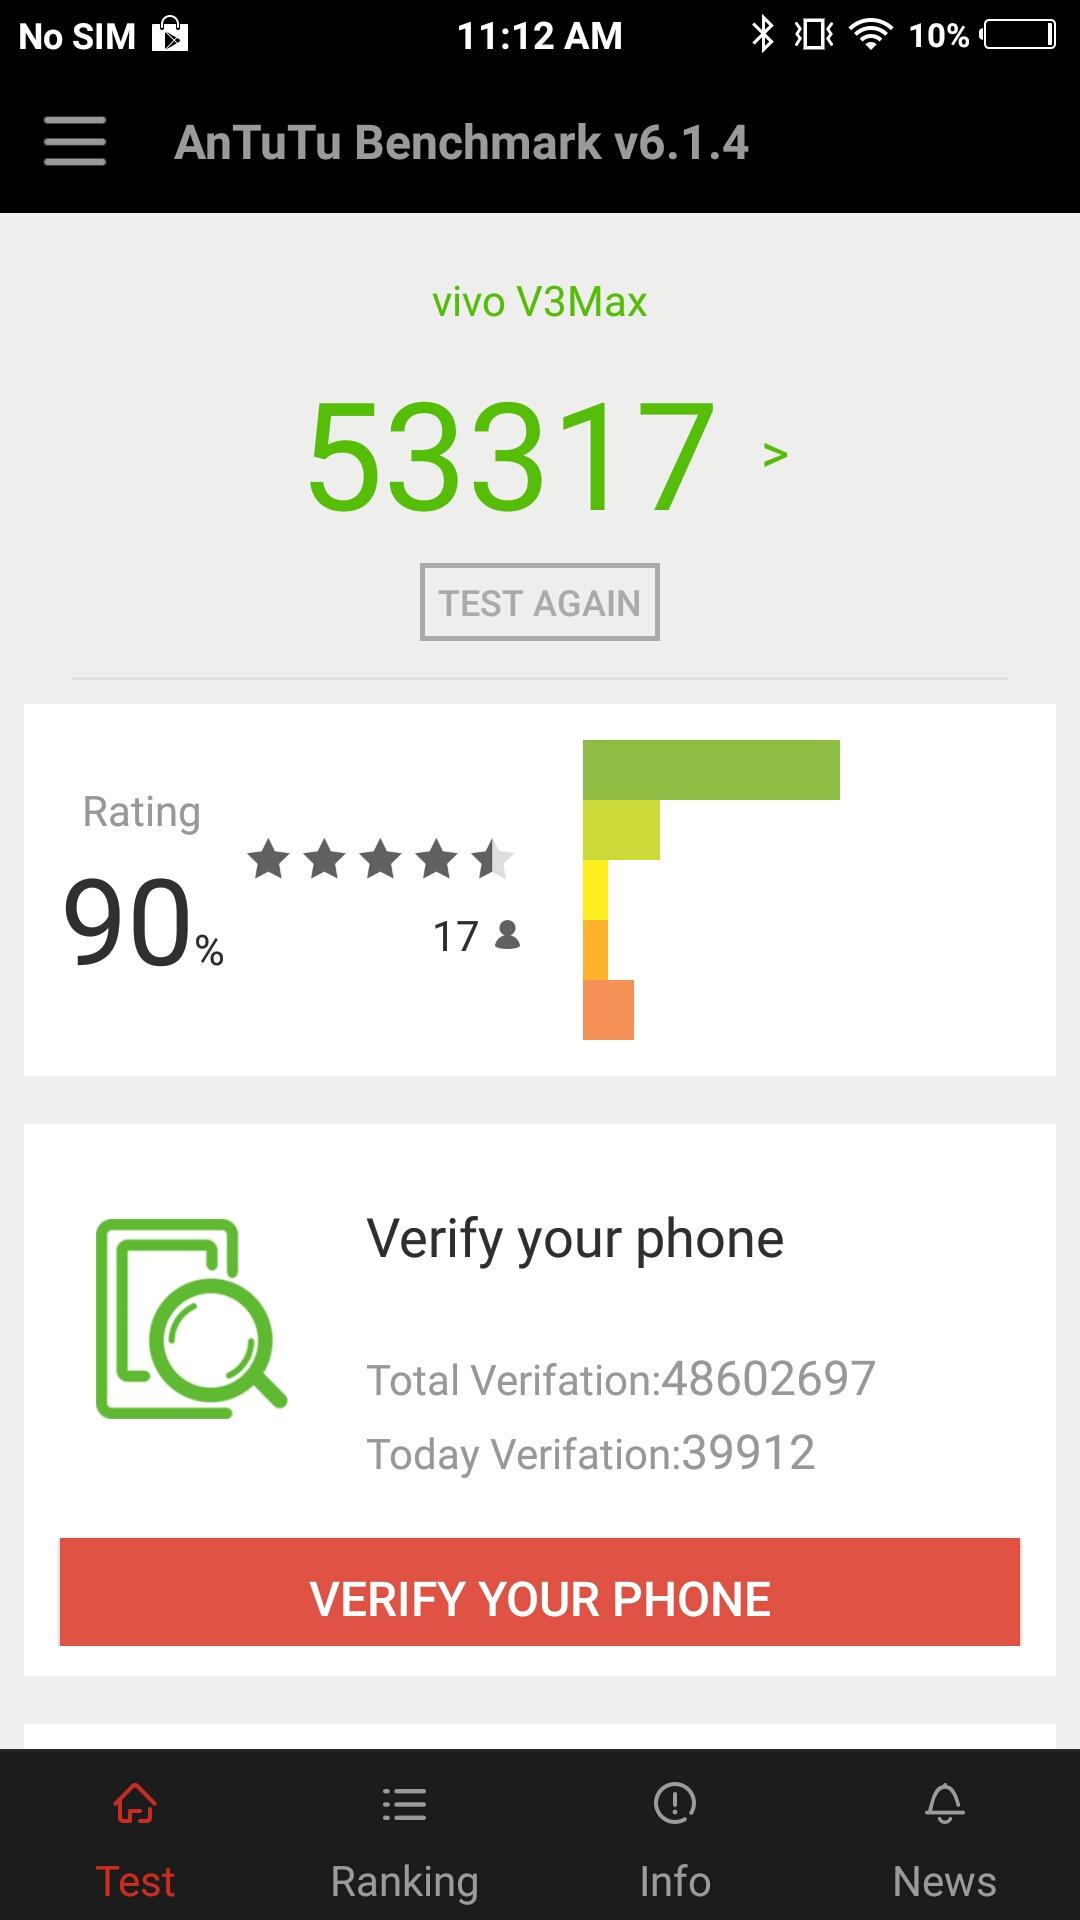 Vivo v3 Max Specs and Price - Antutu Benchmark Stats Image